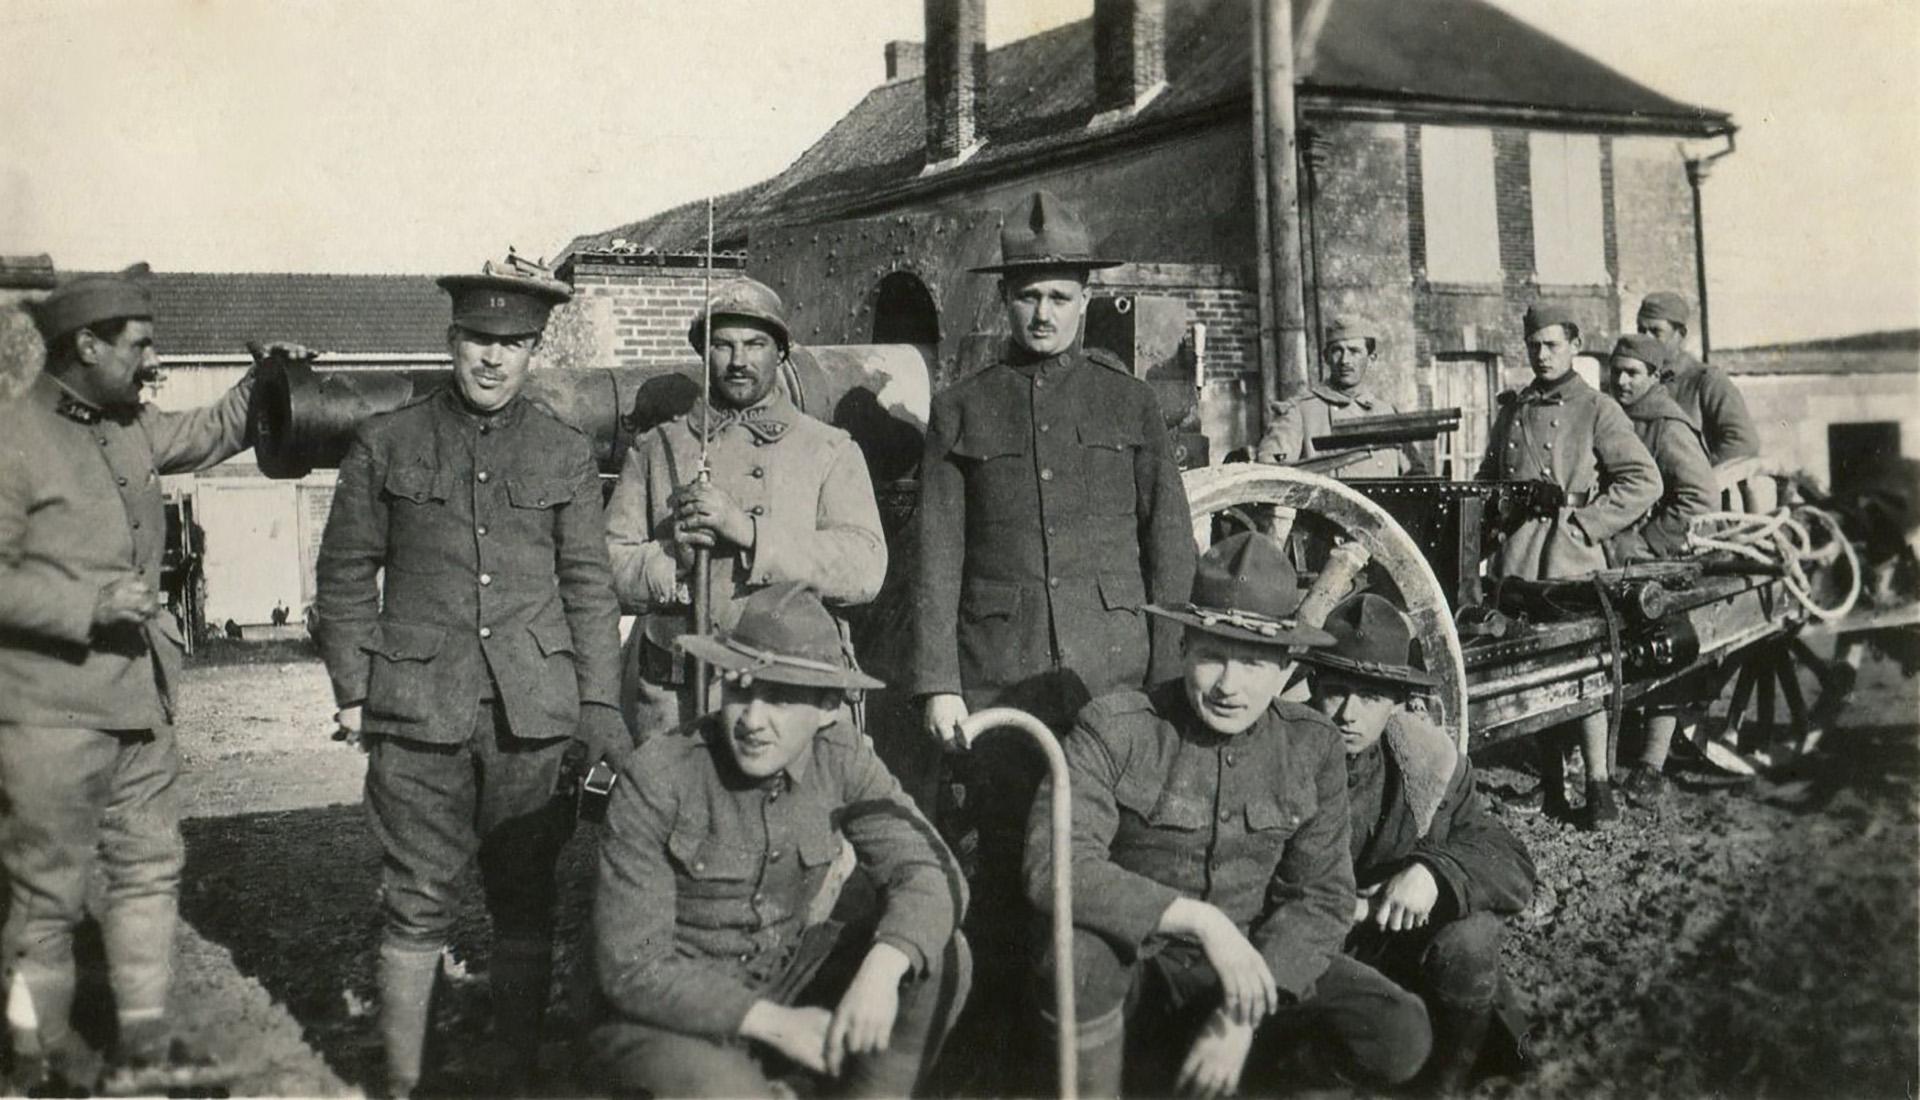 Soldados franceses y estadounidenses. Tras unirse a la guerra en 1917, el Ejército de los Estados Unidos fue entrenado y puesto a punto por Francia